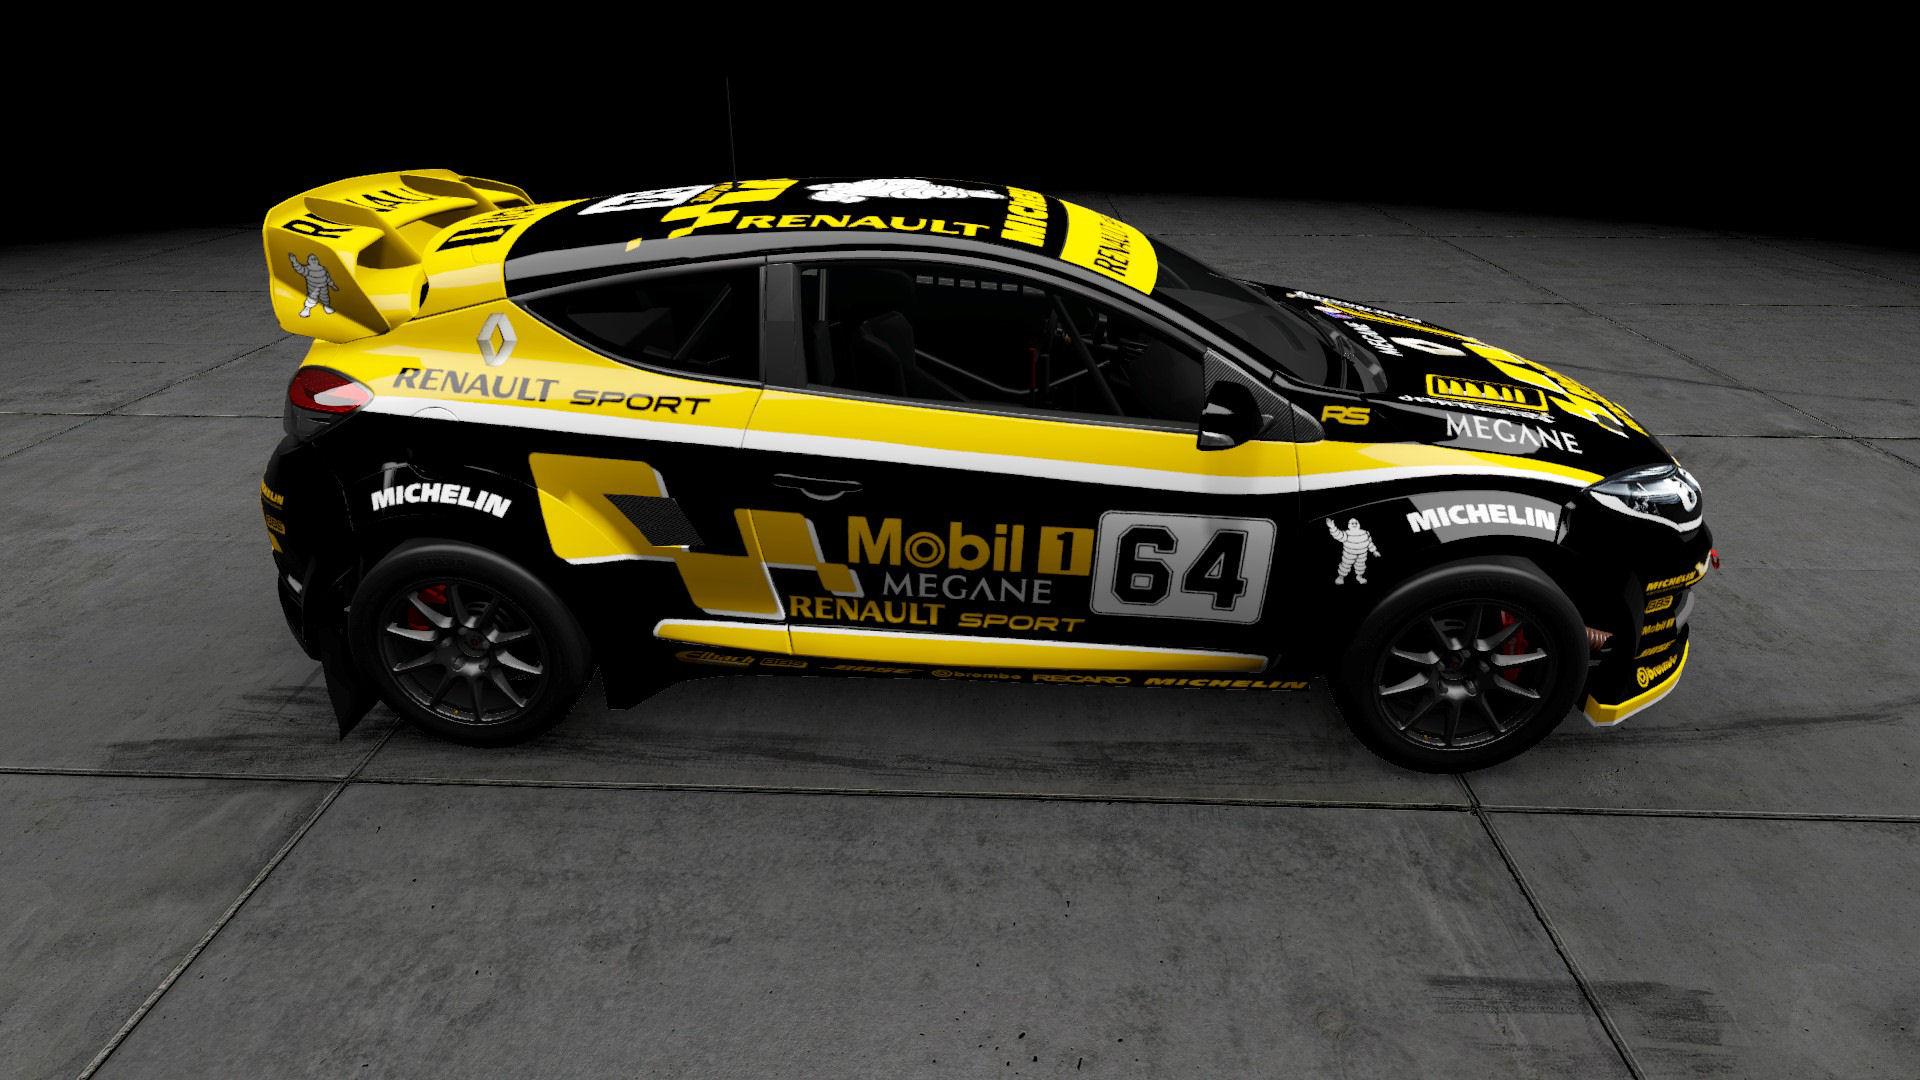 RS Renault Megane RX 02.jpg